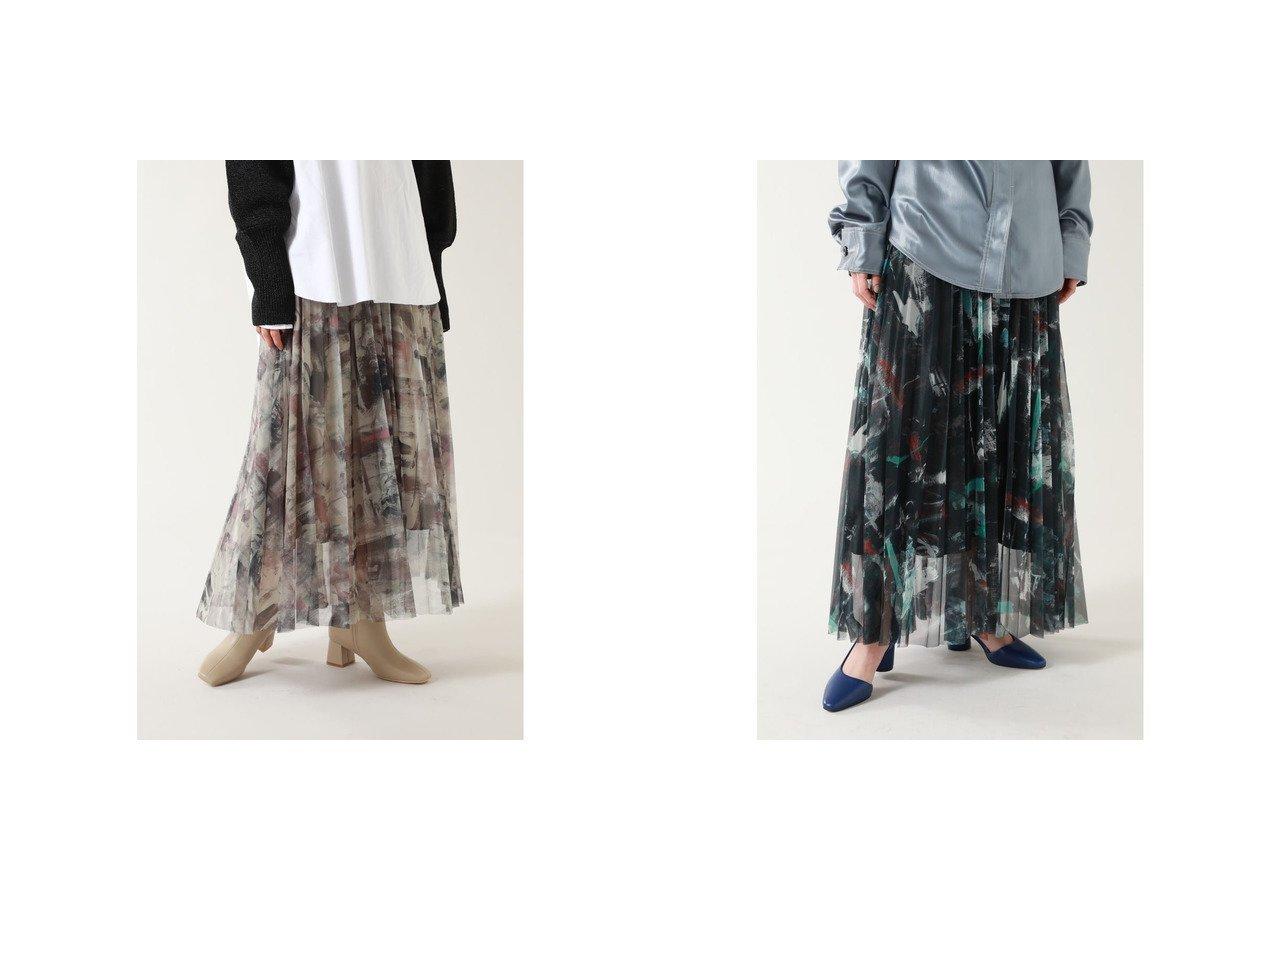 【ROSE BUD/ローズバッド】のアートプリントプリーツスカート ROSE BUDのおすすめ!人気、トレンド・レディースファッションの通販 おすすめで人気の流行・トレンド、ファッションの通販商品 メンズファッション・キッズファッション・インテリア・家具・レディースファッション・服の通販 founy(ファニー) https://founy.com/ ファッション Fashion レディースファッション WOMEN スカート Skirt プリーツスカート Pleated Skirts エレガント 春 Spring 軽量 シアー スタンダード 手描き プリント プリーツ ロング 2021年 2021 S/S 春夏 SS Spring/Summer 2021 春夏 S/S SS Spring/Summer 2021 |ID:crp329100000018486